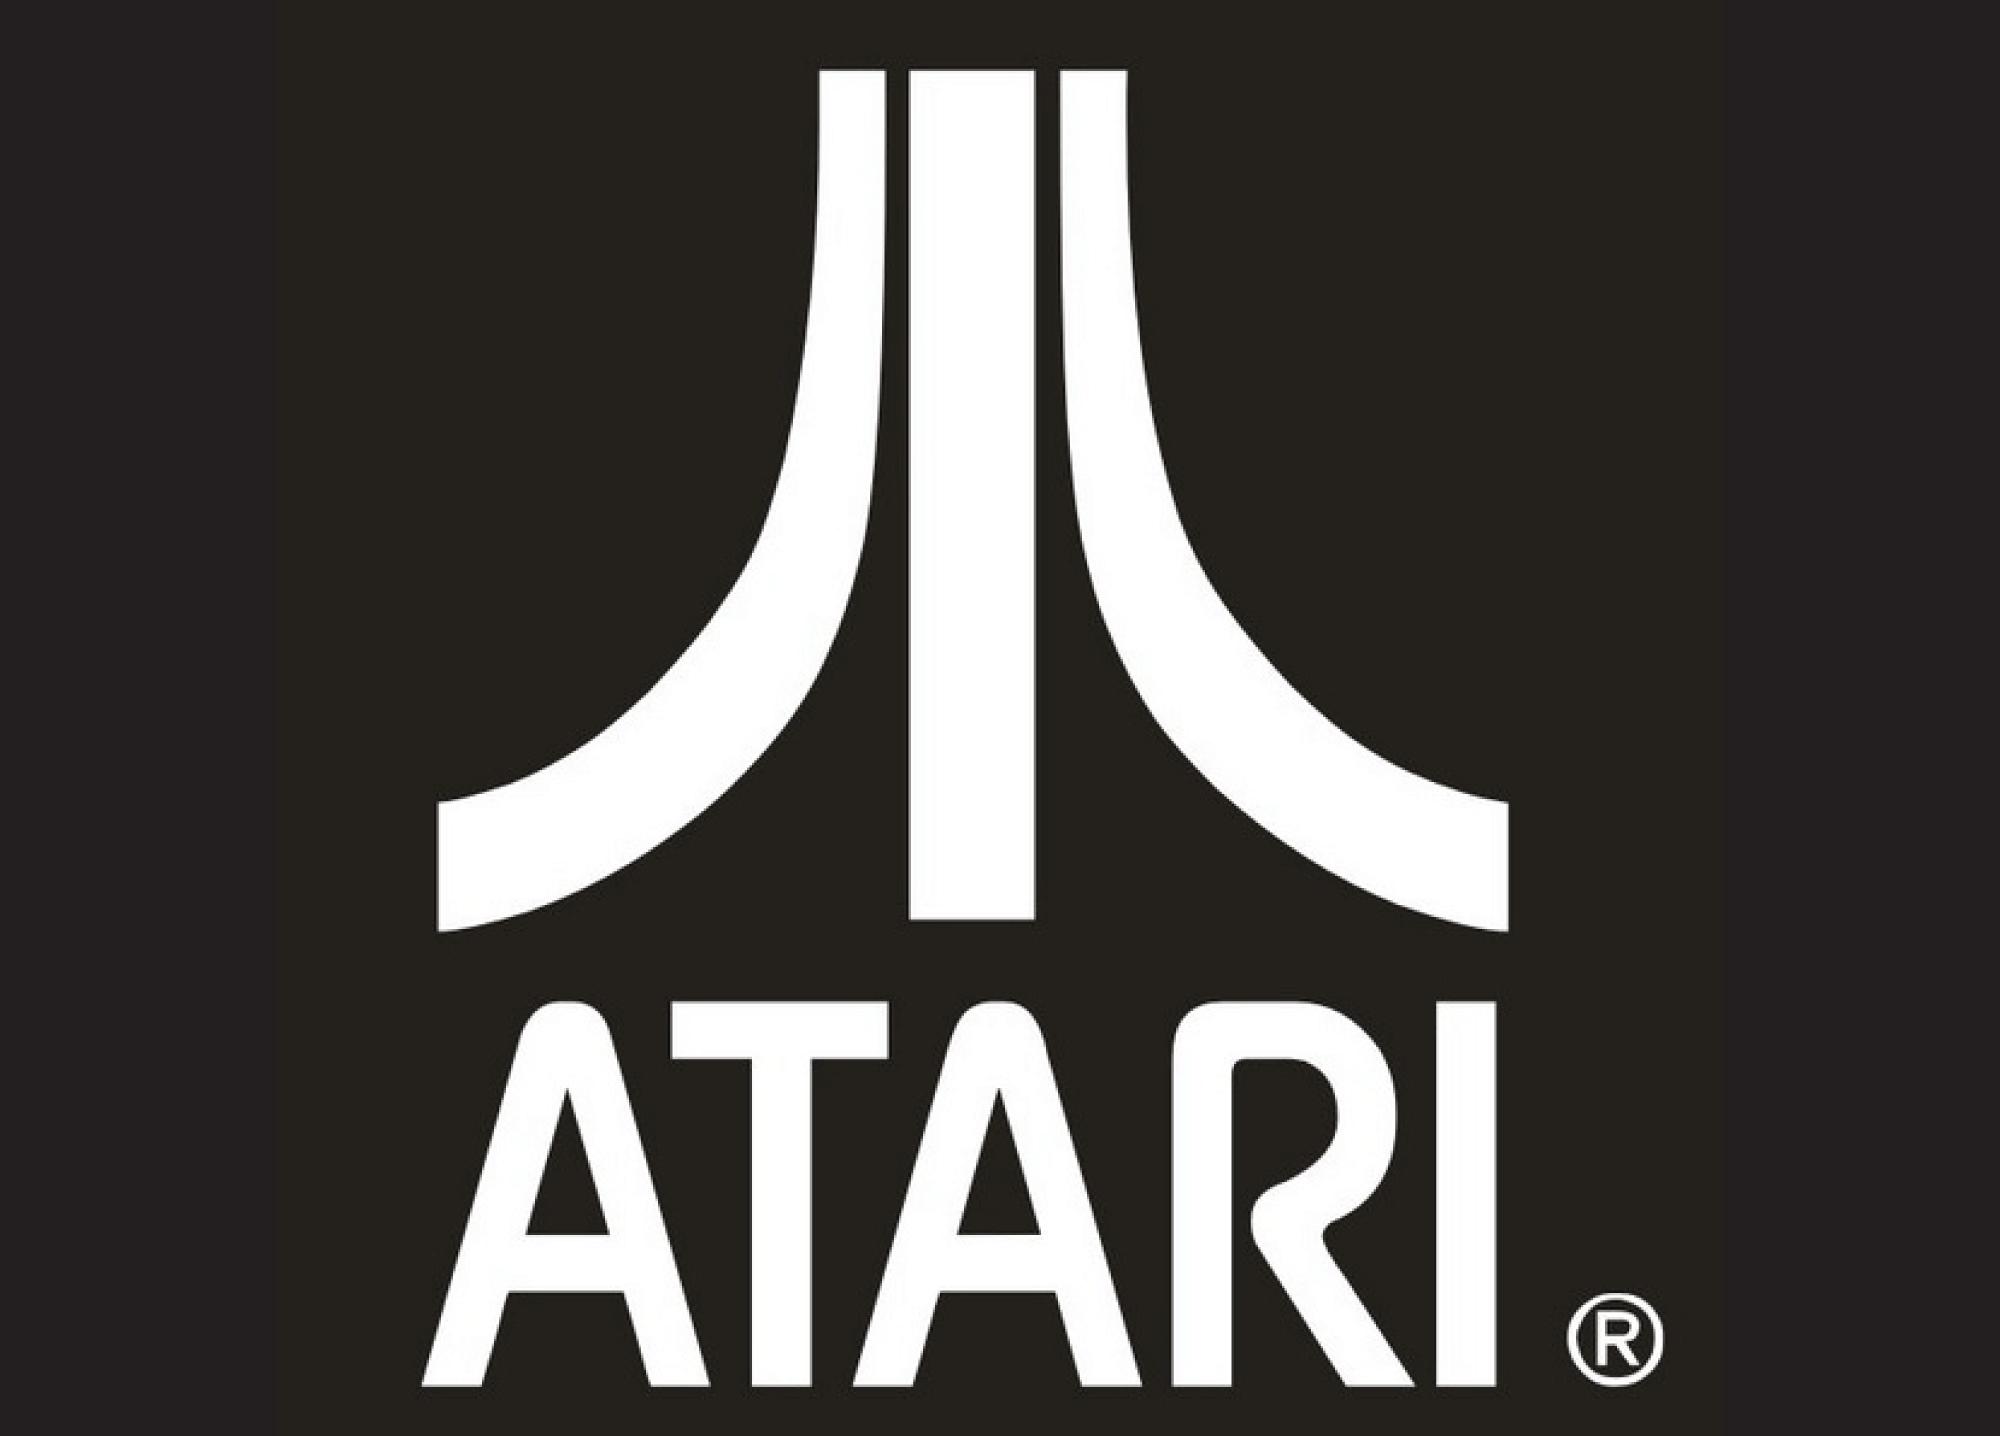 Logo Atari PNG - 35719